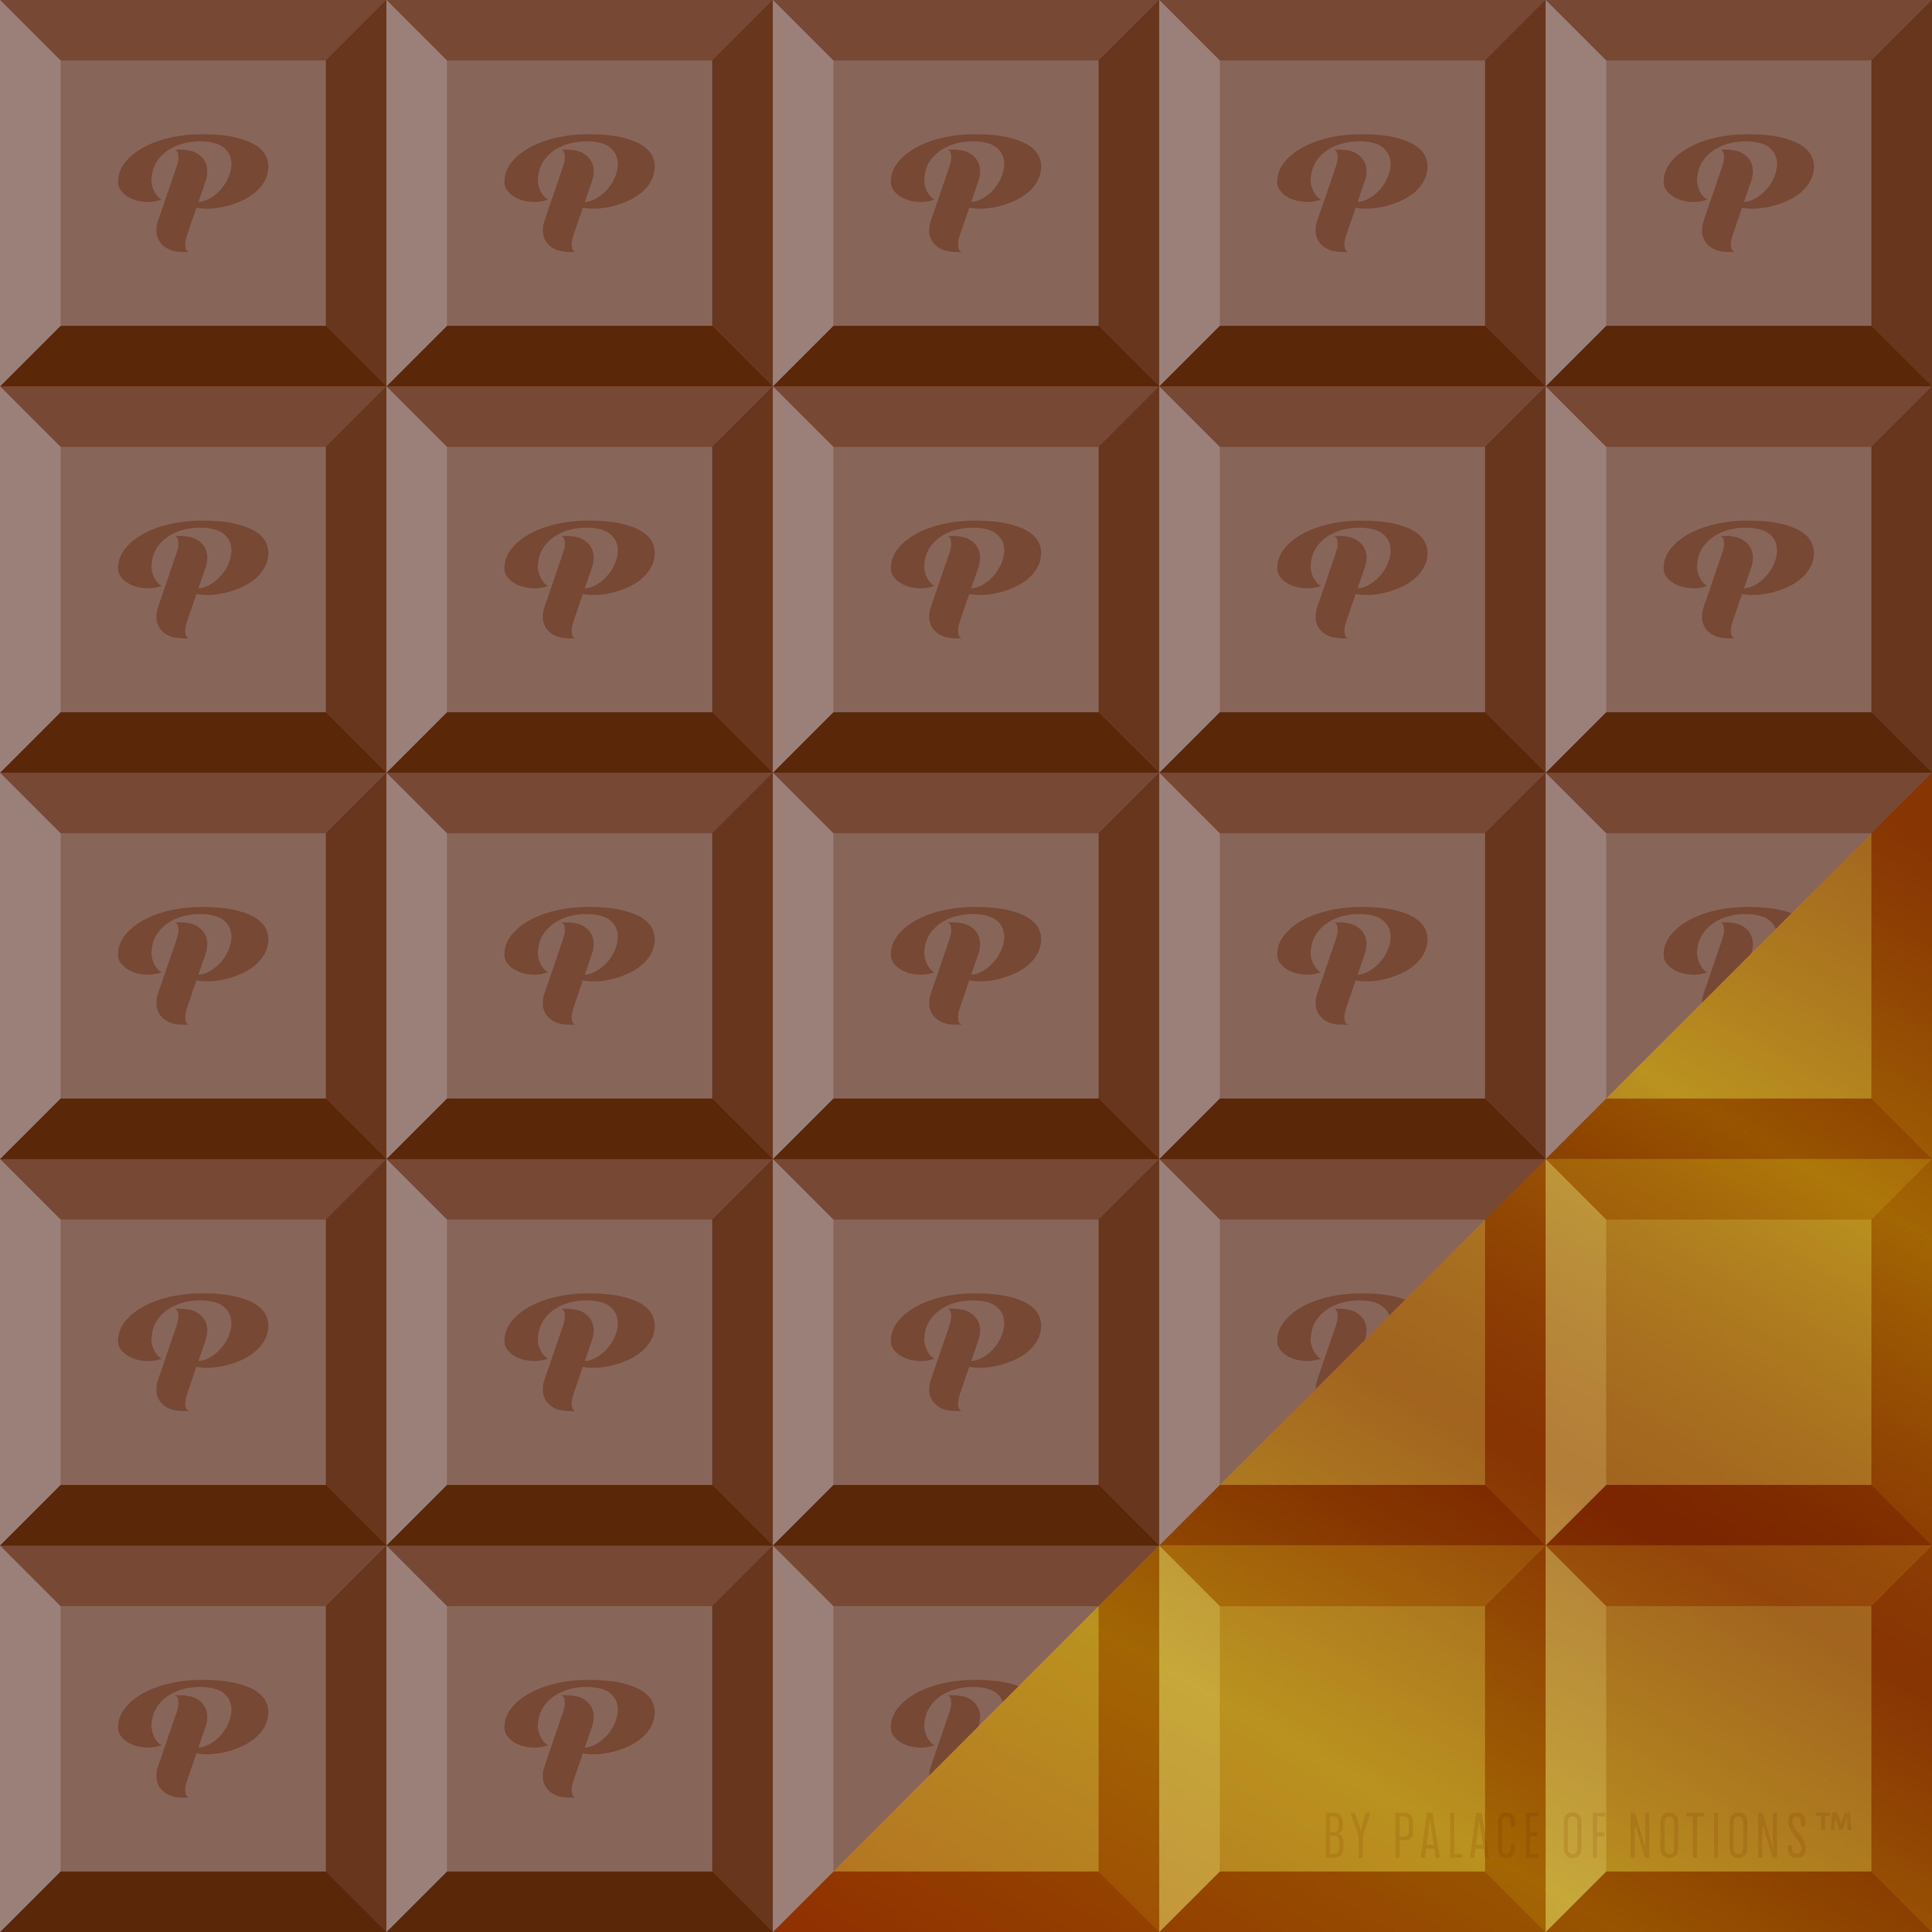 SQUARES-CHOCOLATE